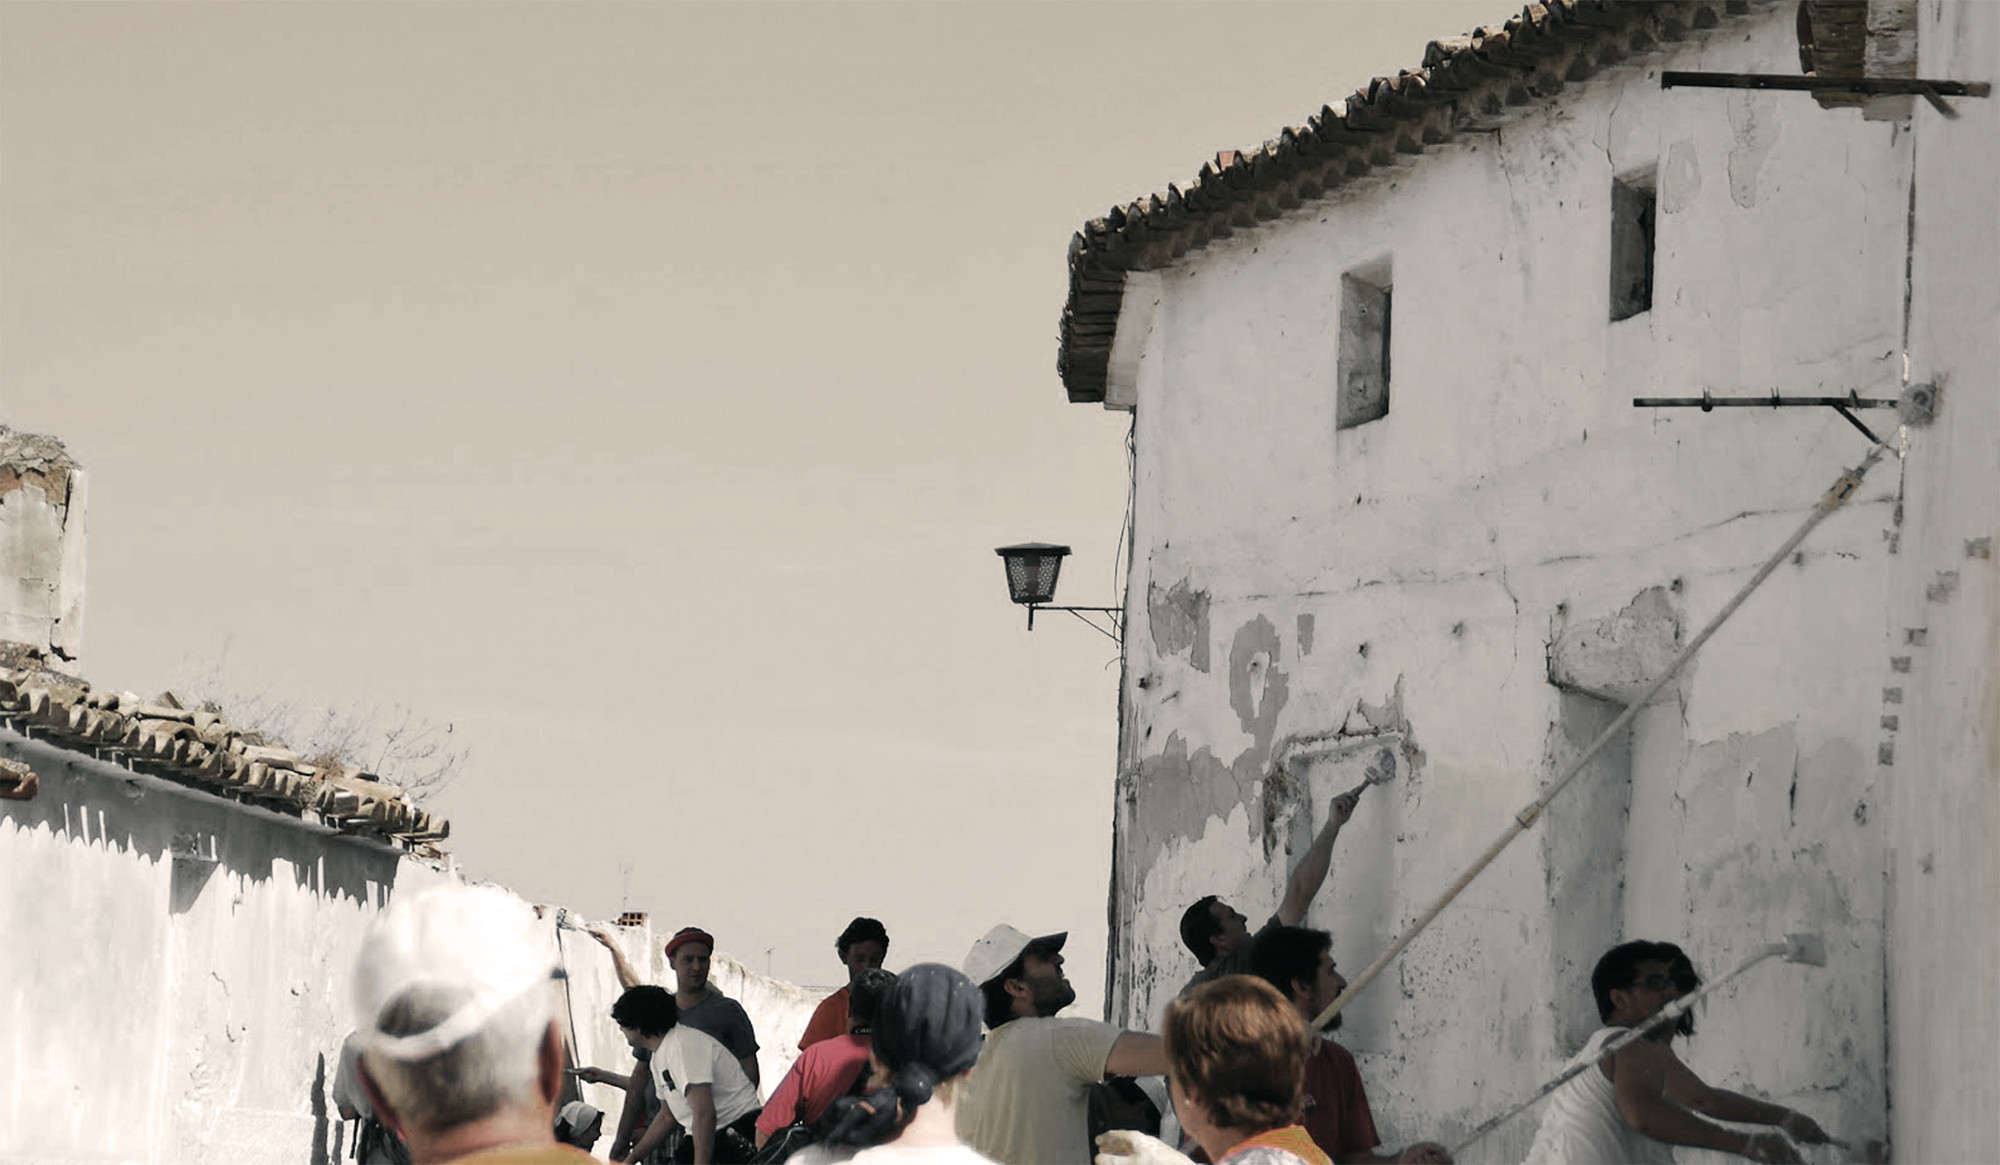 SINERGIAS: ¿Se puede mejorar Low Cost el entorno habitado?  / El CASC 2013, Courtesy of www.villenacuentame.com